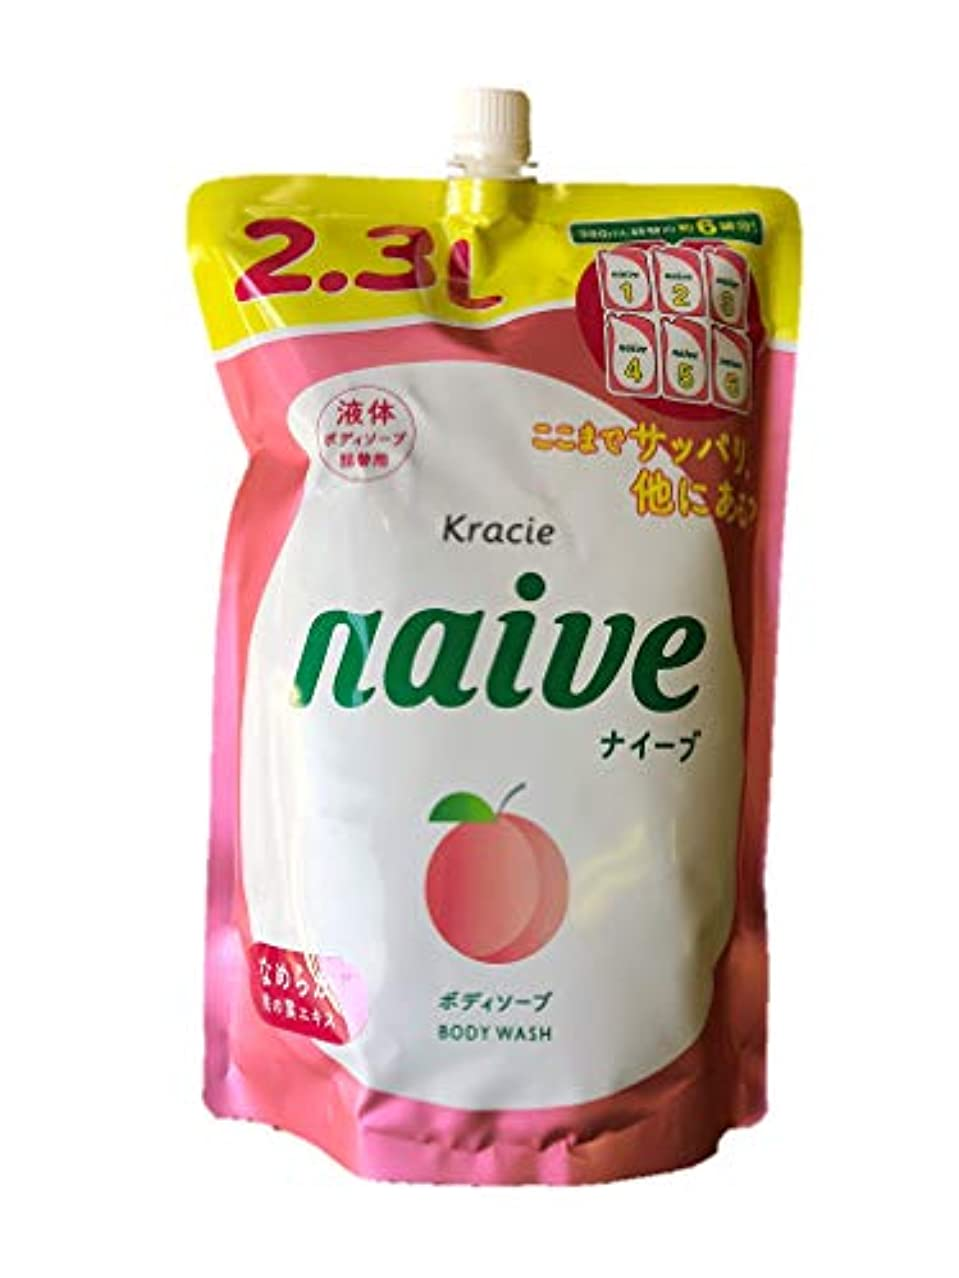 ページ子供達外側【大容量2.3L】ナイーブ 植物性ボディーソープ 自然でやさしい桃の香り 2300ml